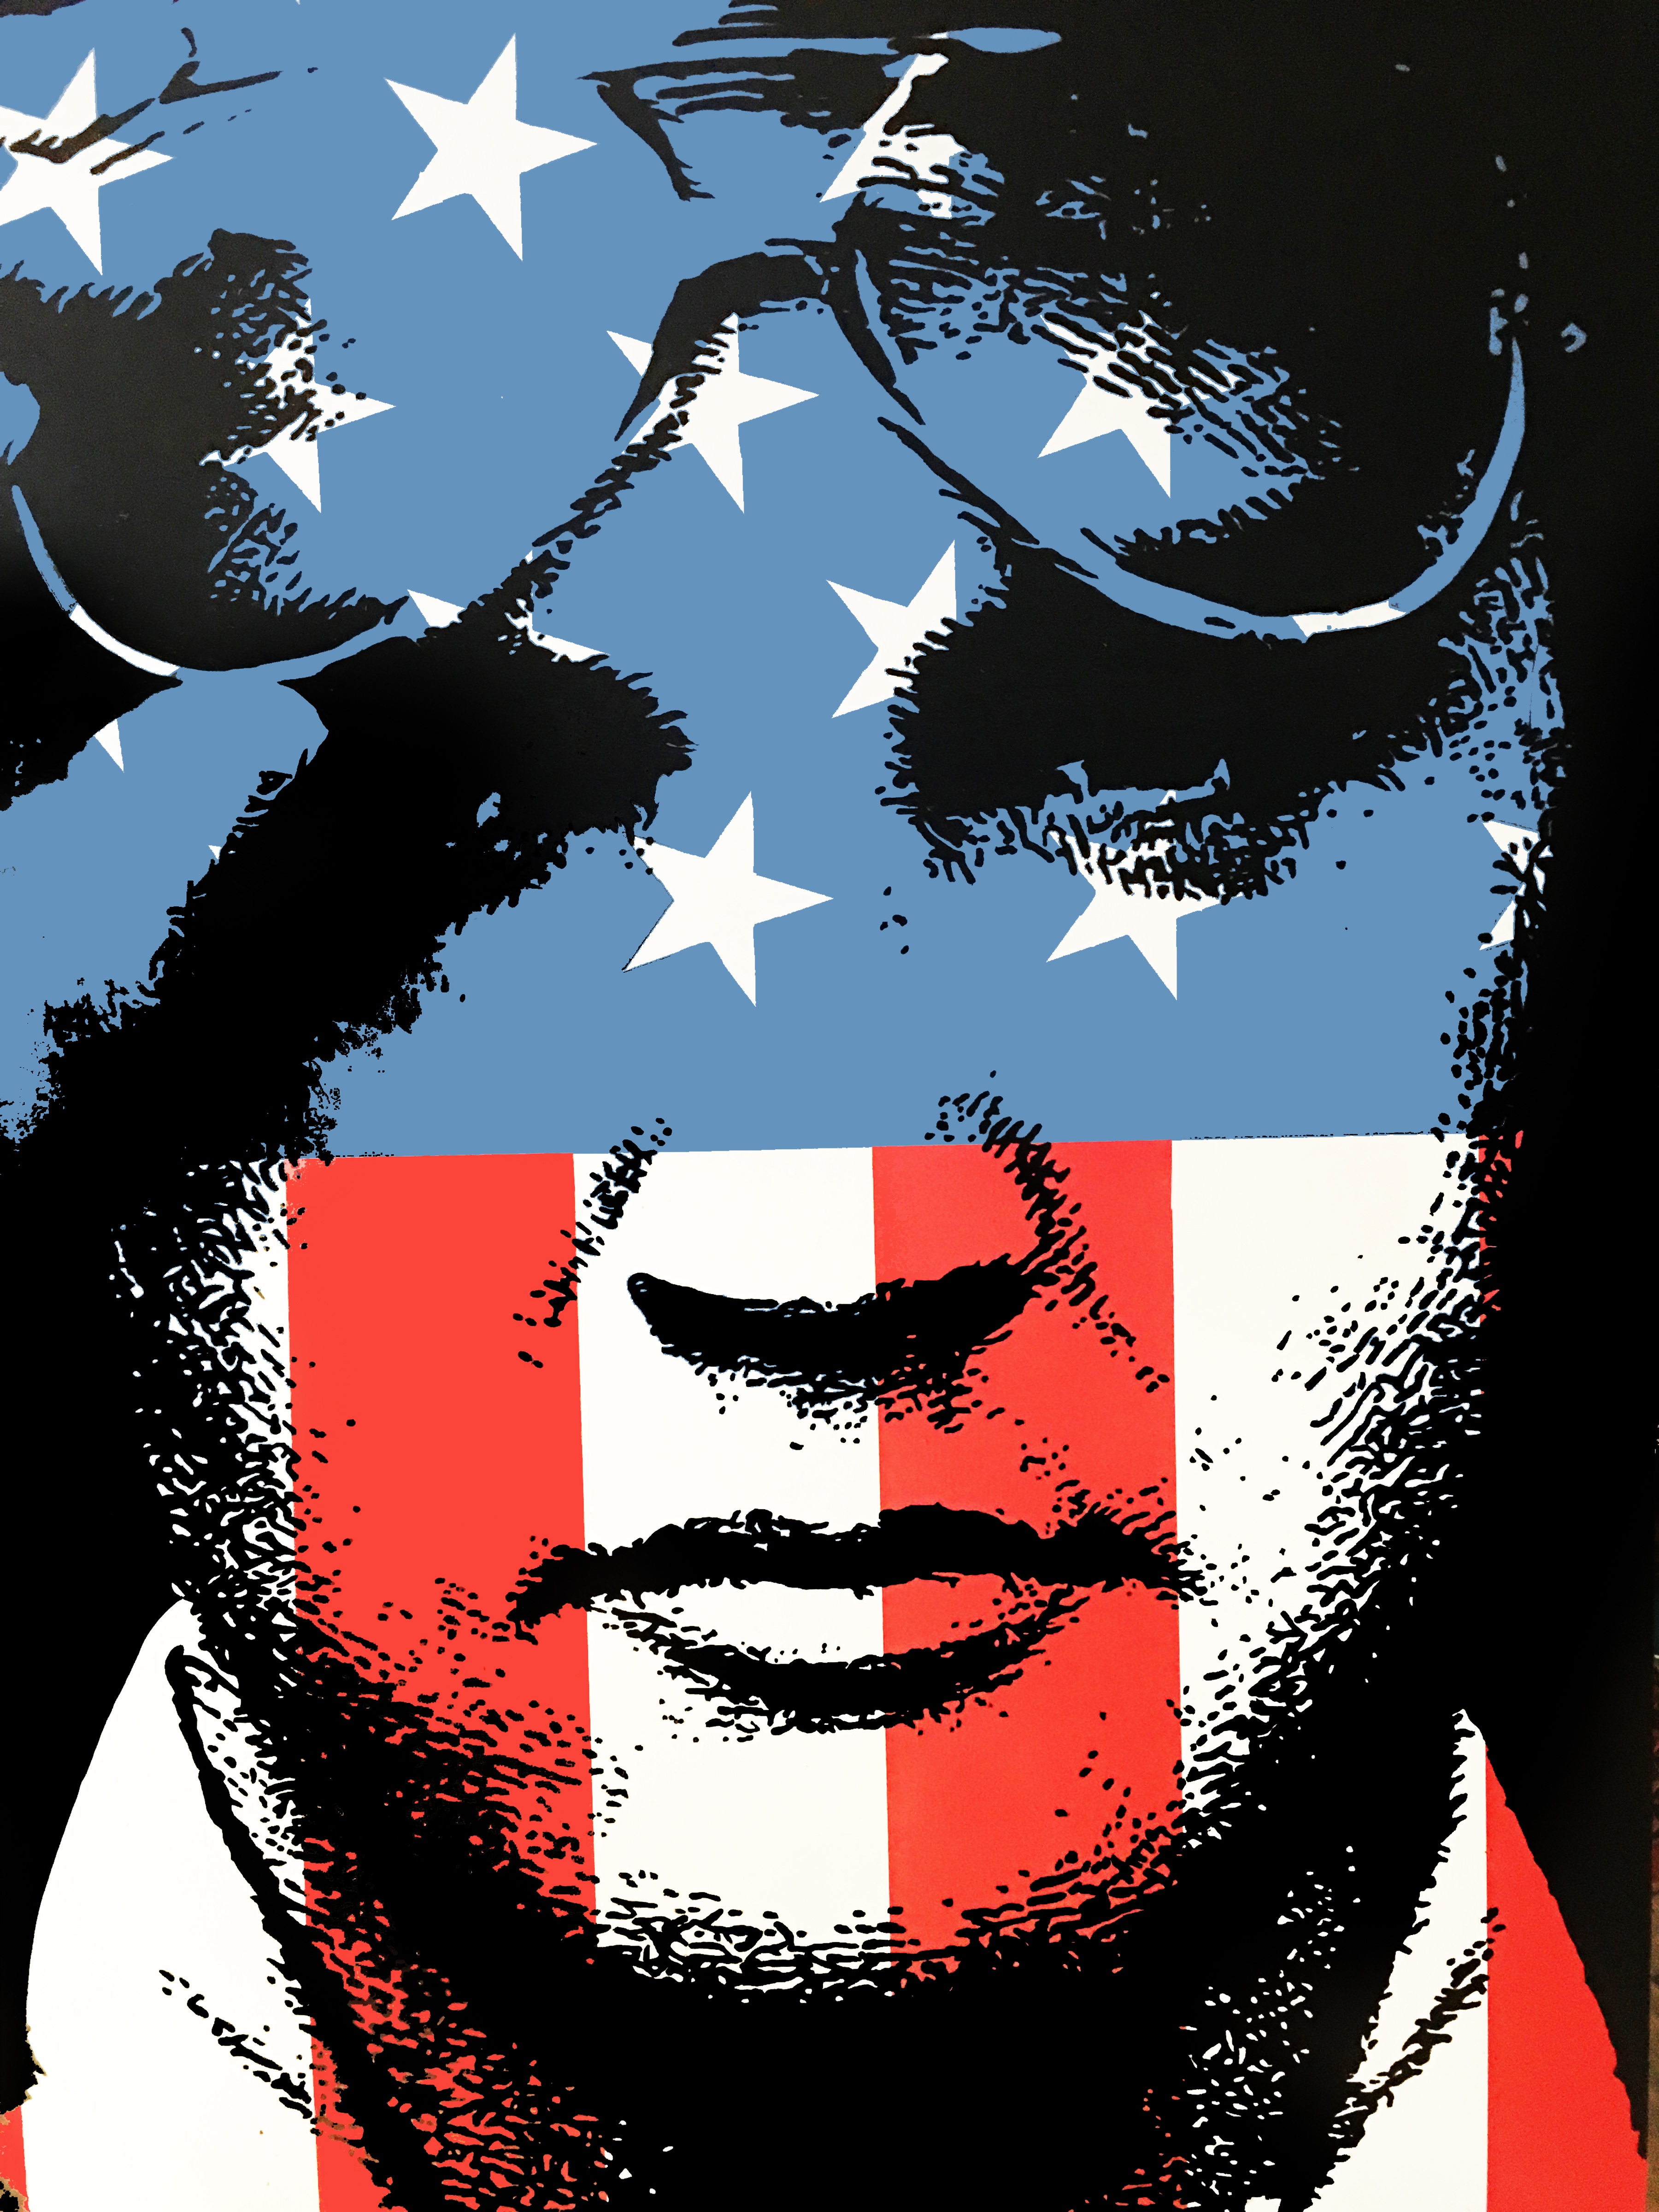 Elvis, The American Way